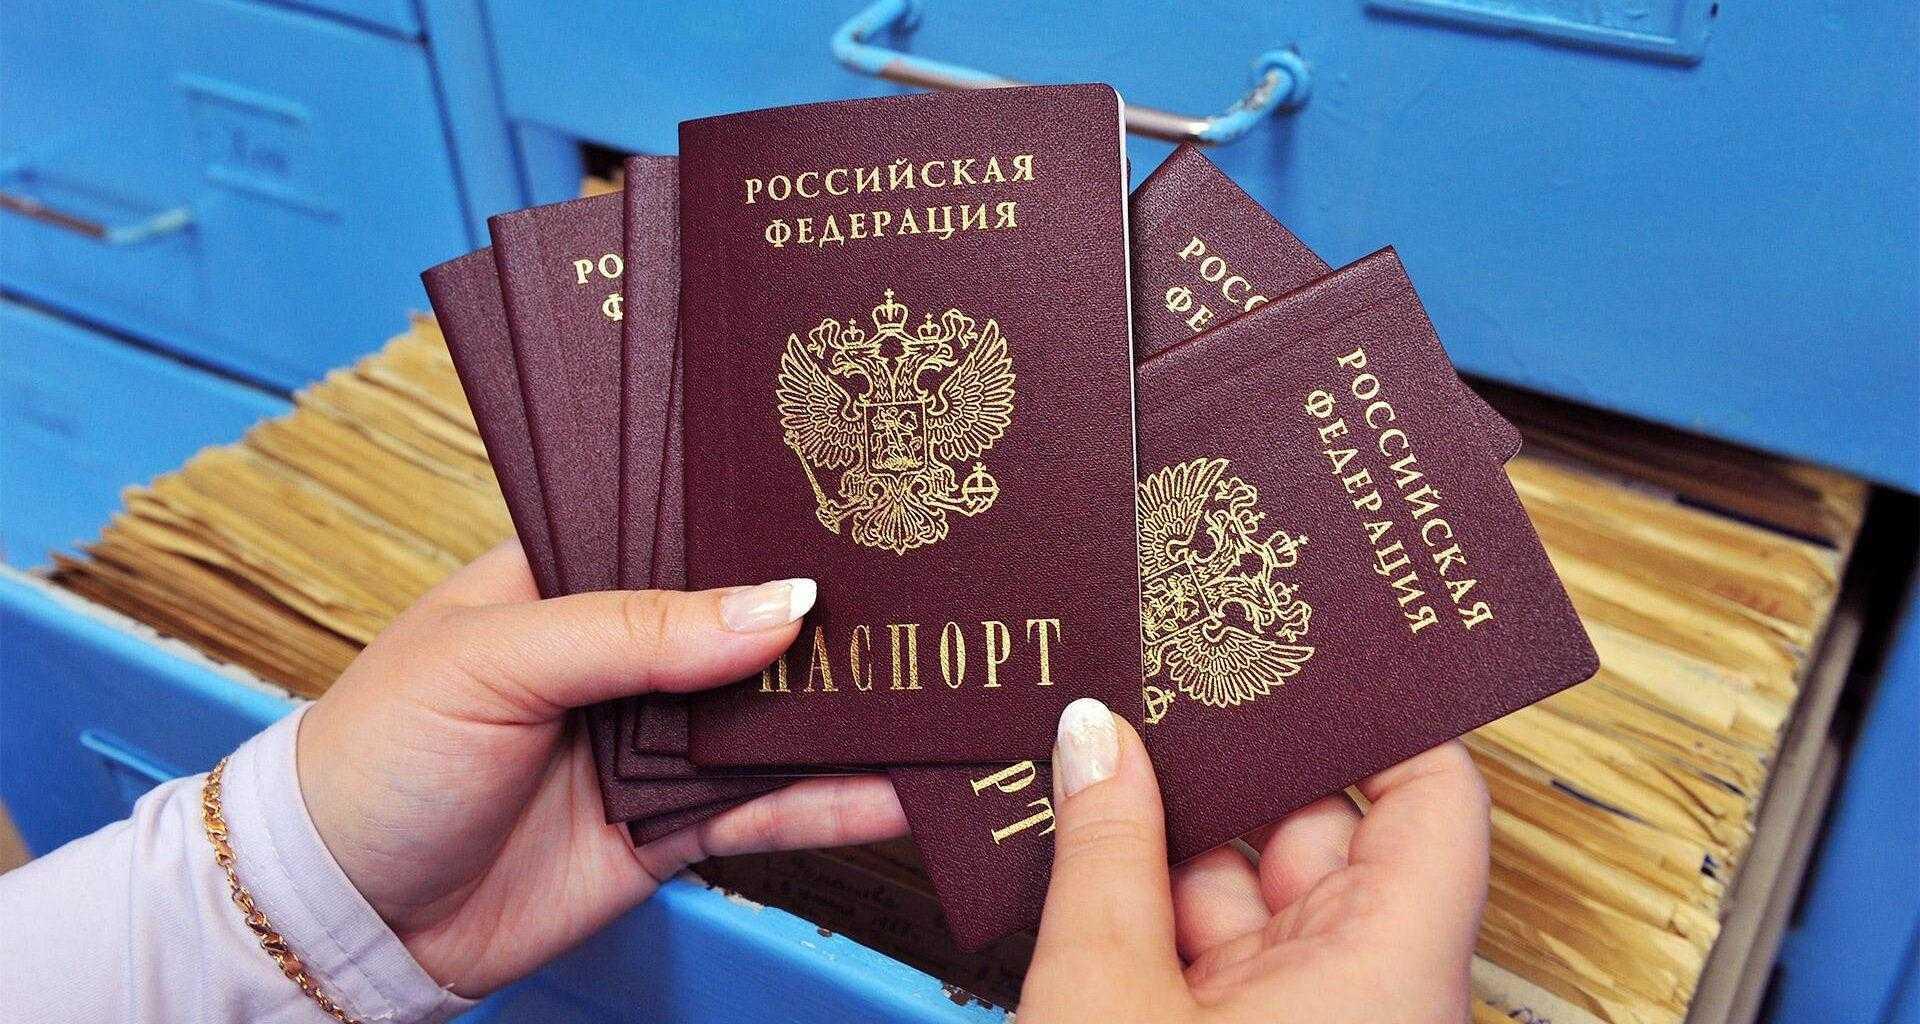 паспорта в руке